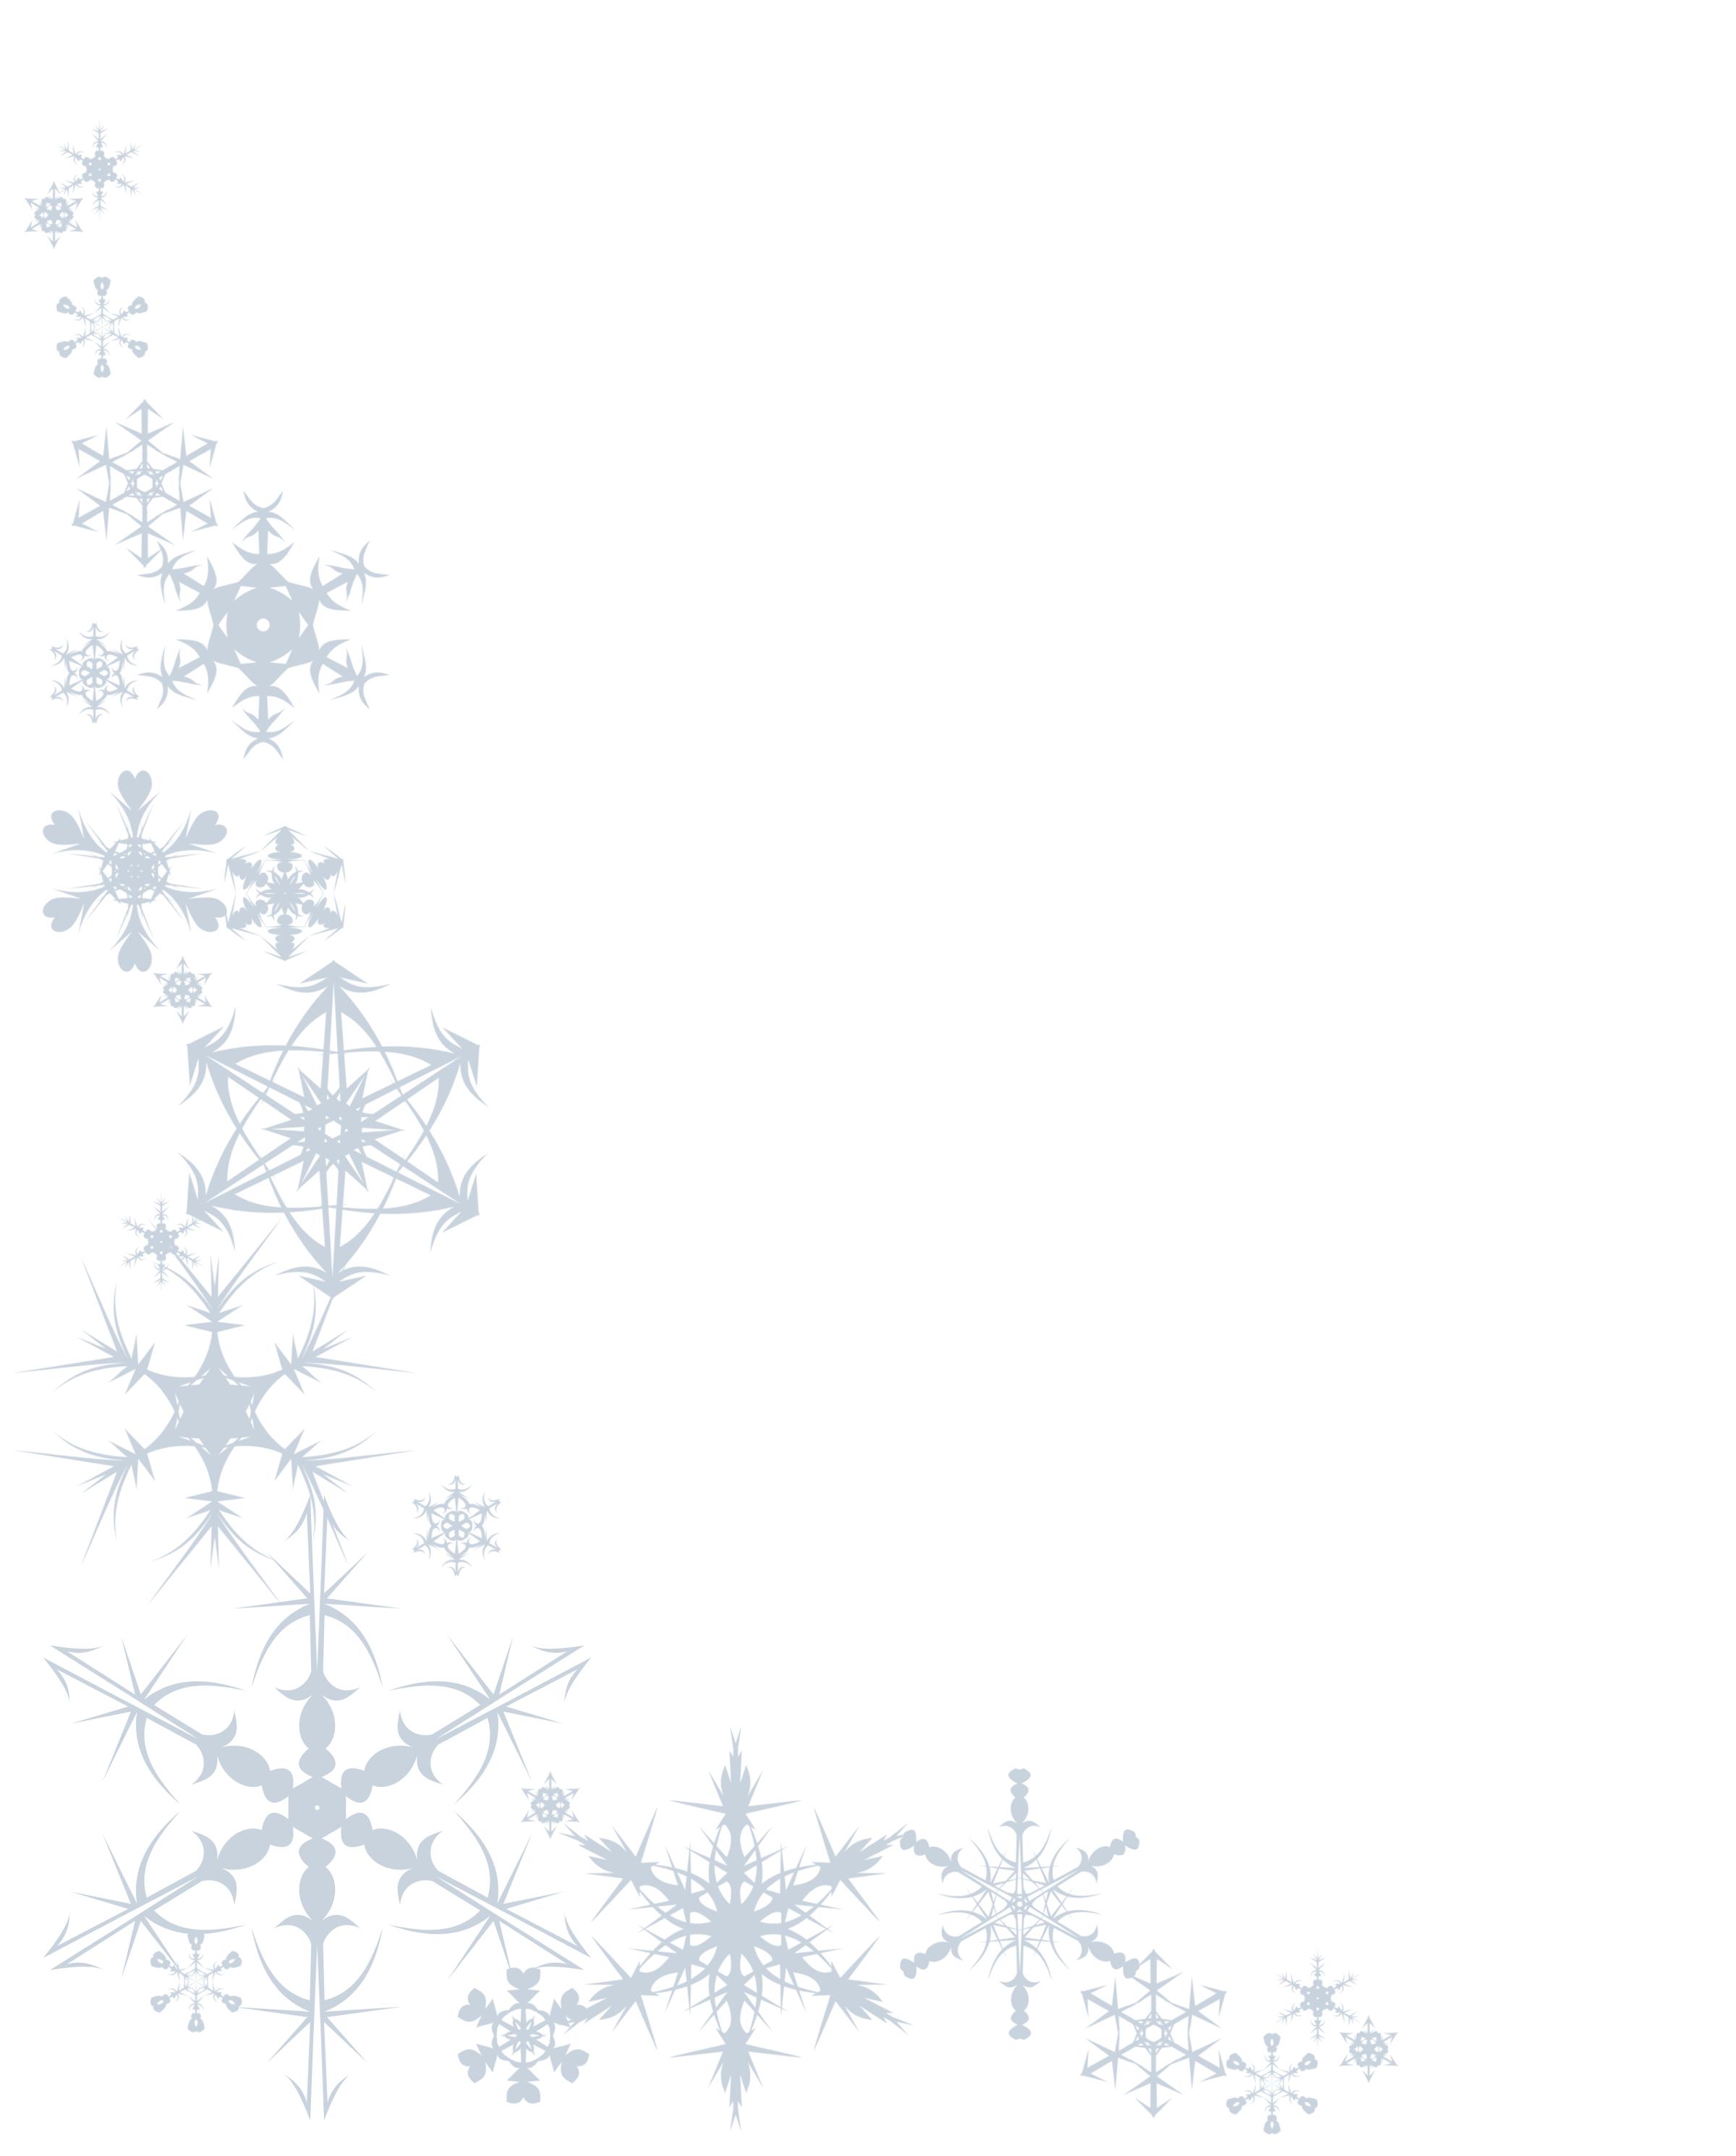 christmas snowflakes border - photo #9